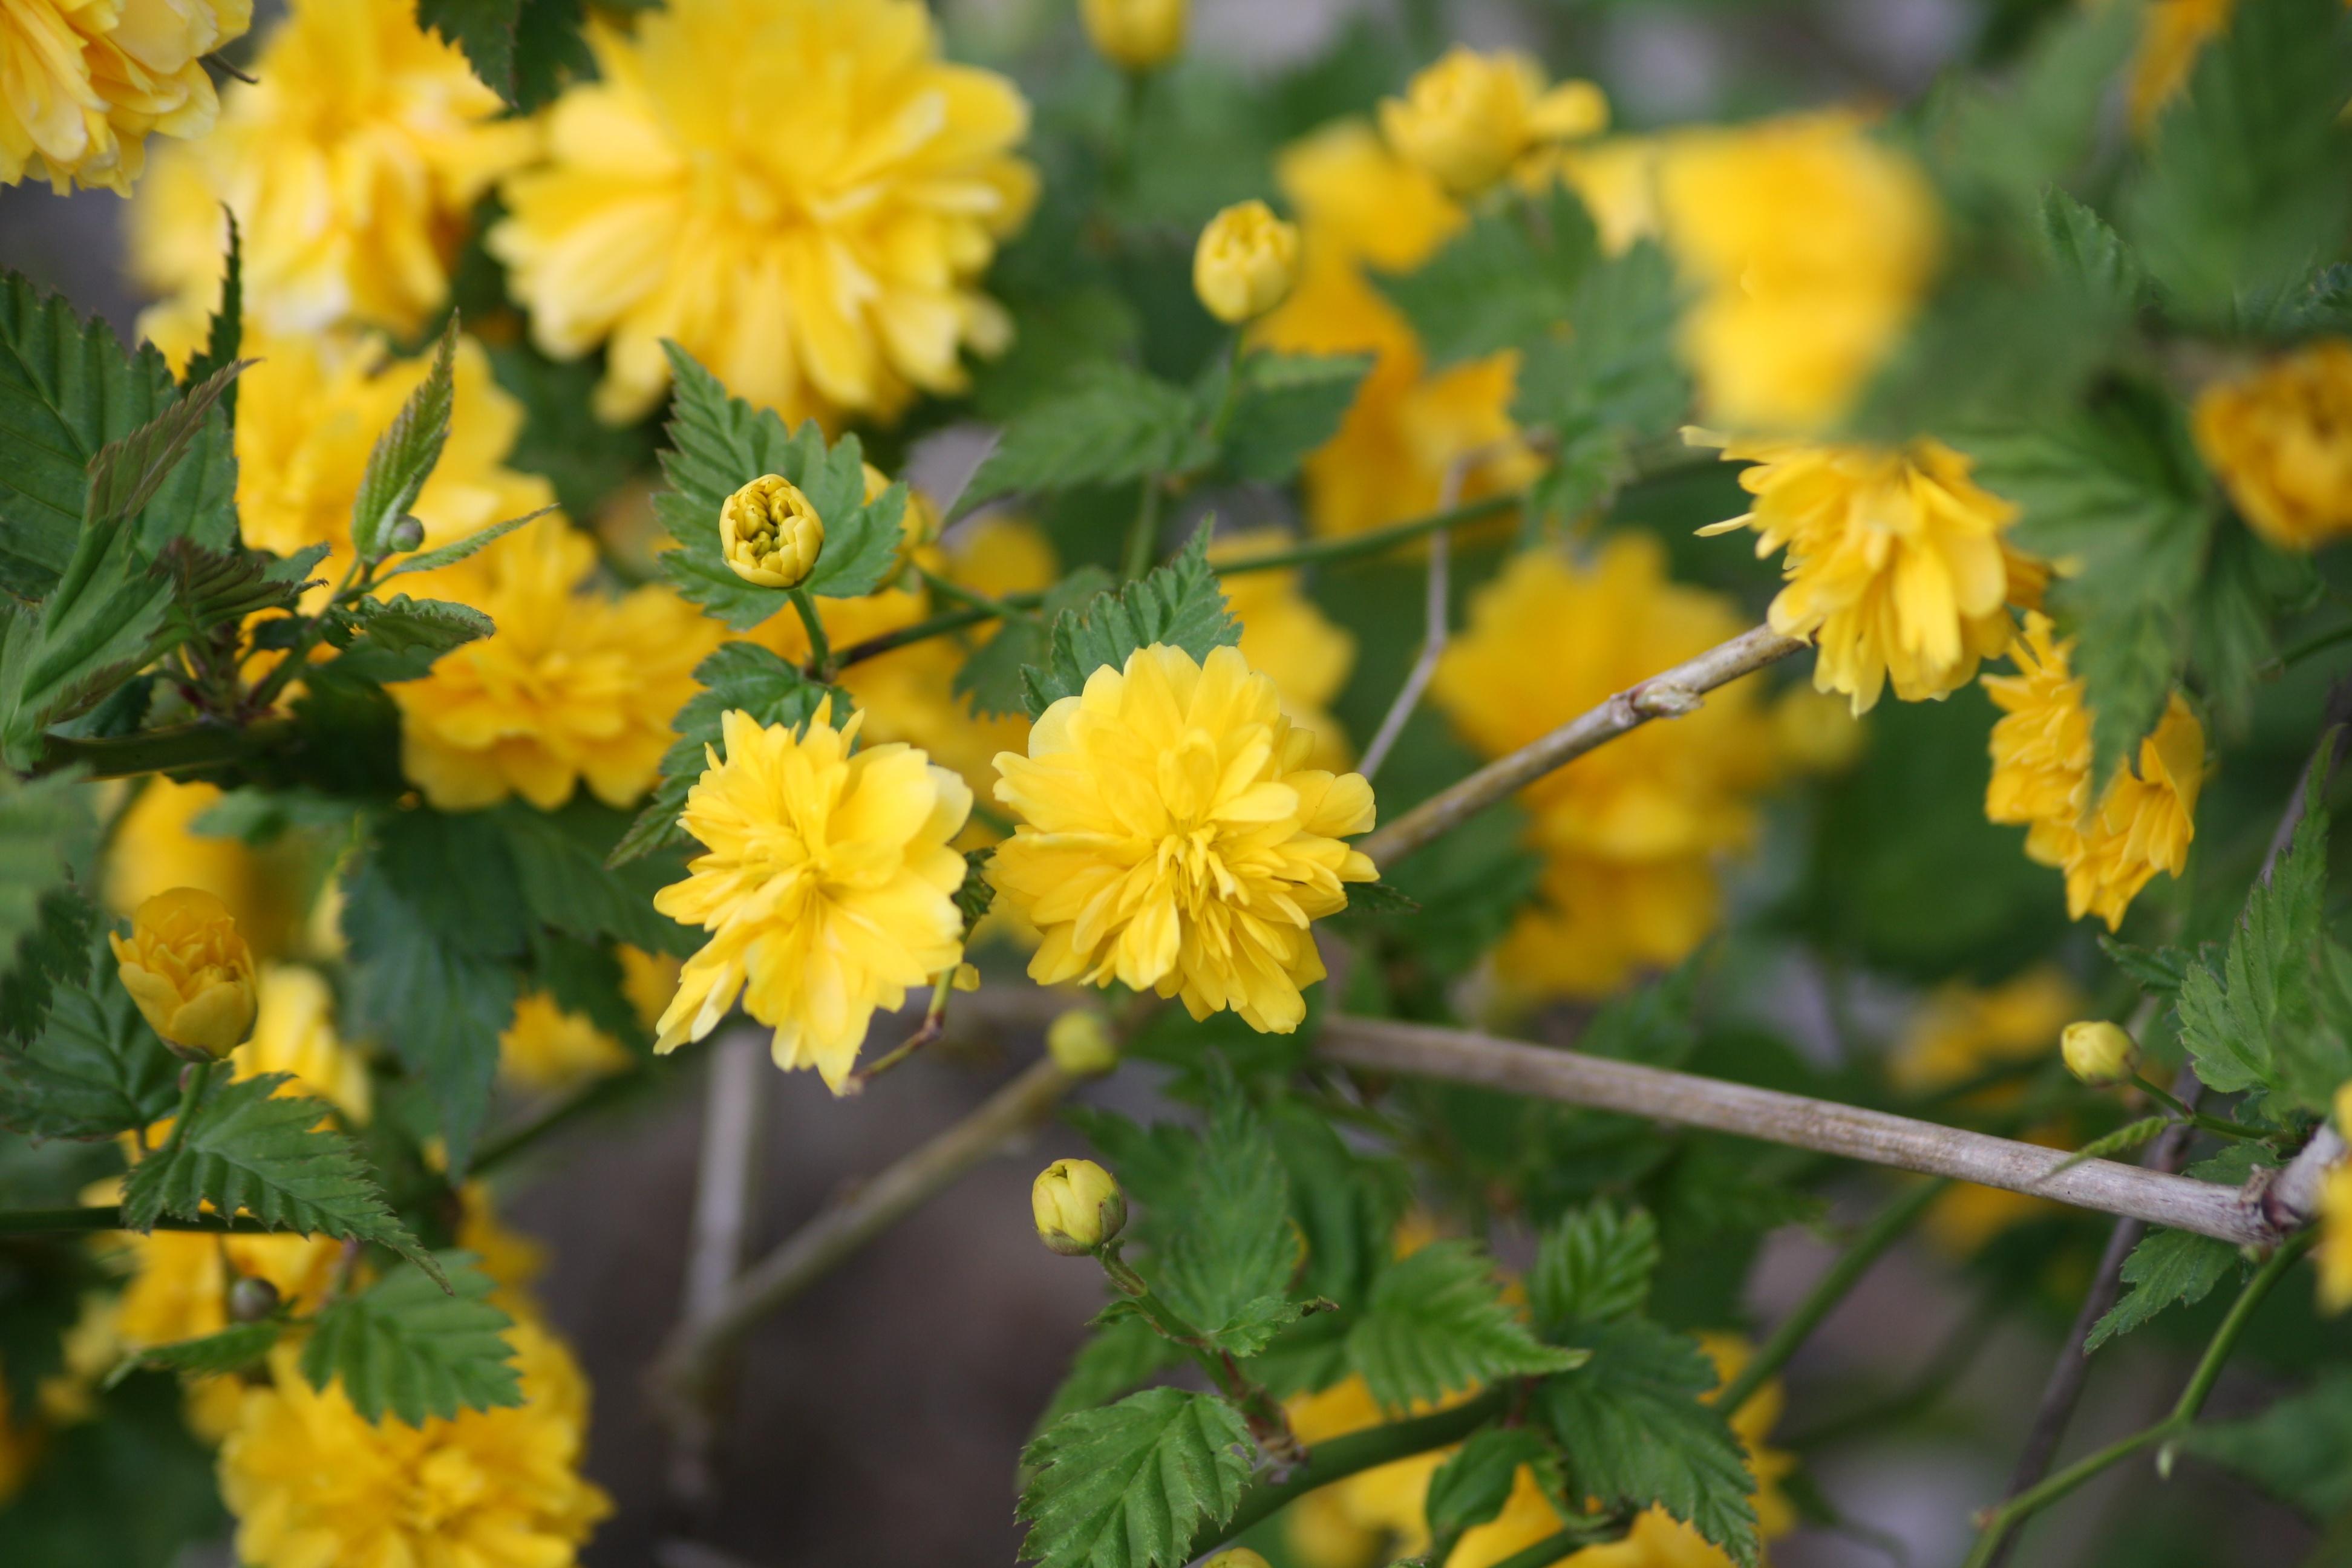 Achtsamer Frühlingsspaziergang